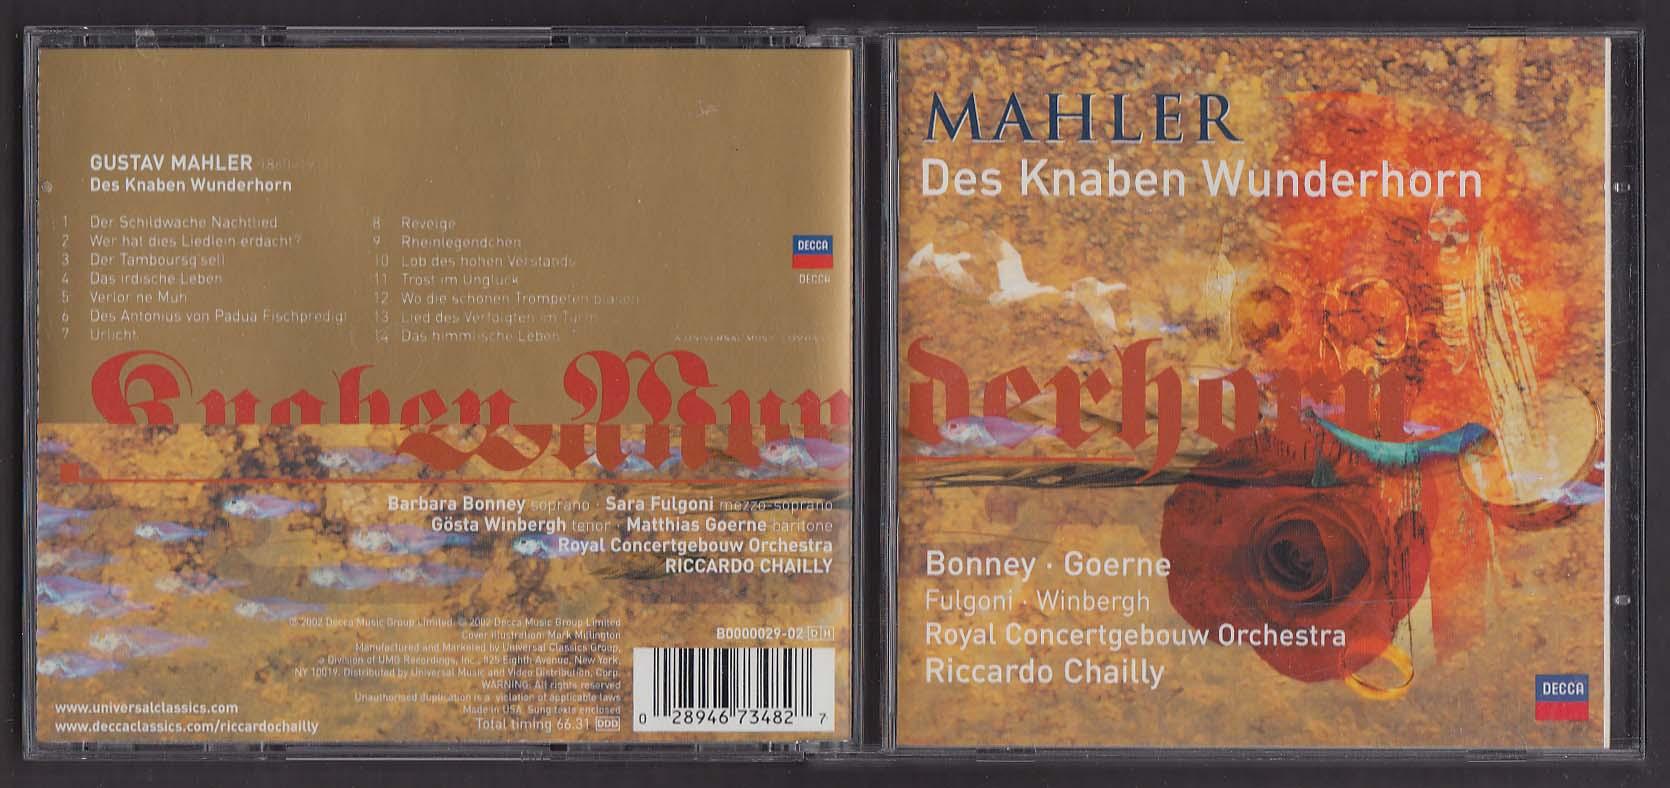 Image for Mahler: Des Knaben Wunderhorn Bonney Goerne ++ Decca CD 2002